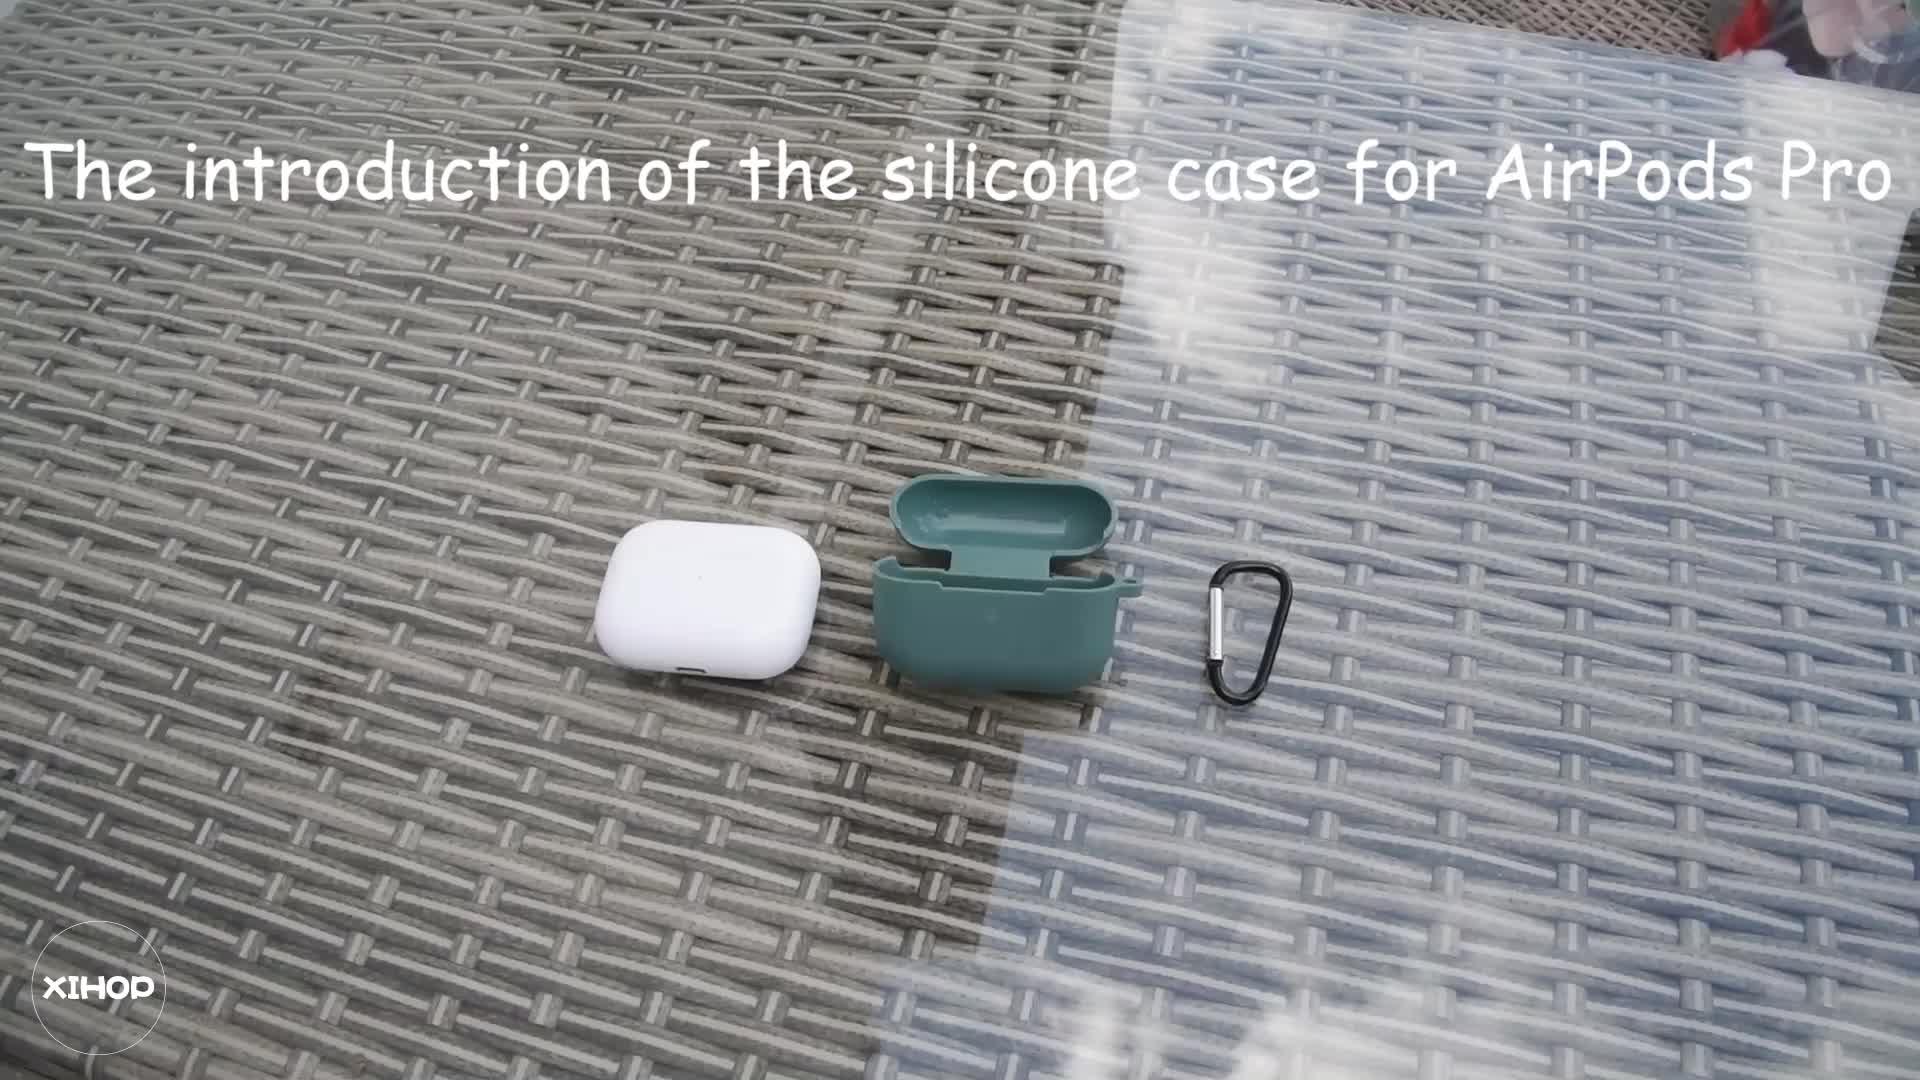 غطاء حماية من السيليكون لجهاز Airpods Pro علبة سماعات لاسلكية Apple جديدة 3